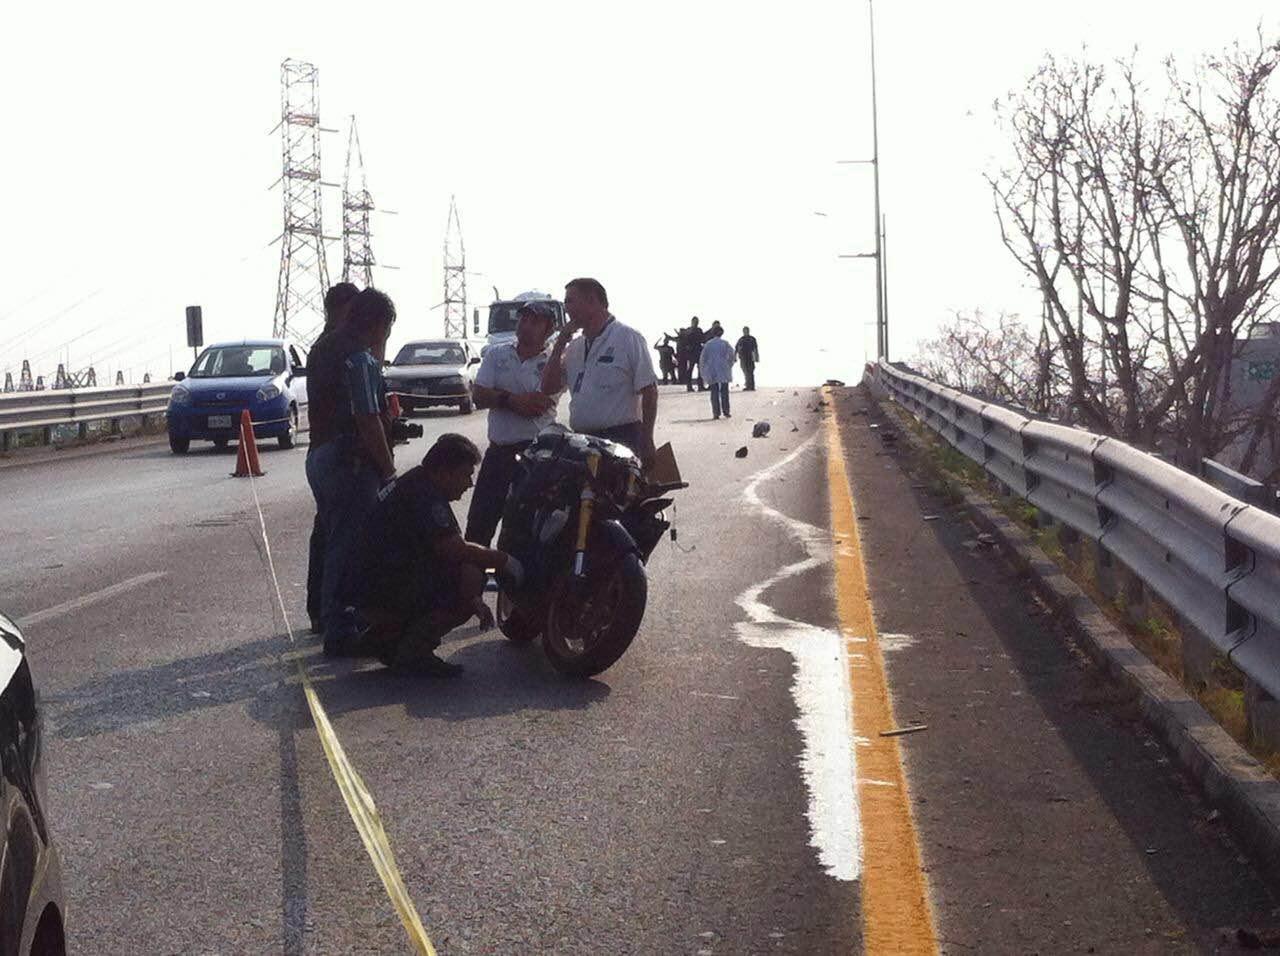 Motociclista fallece al caer de puente